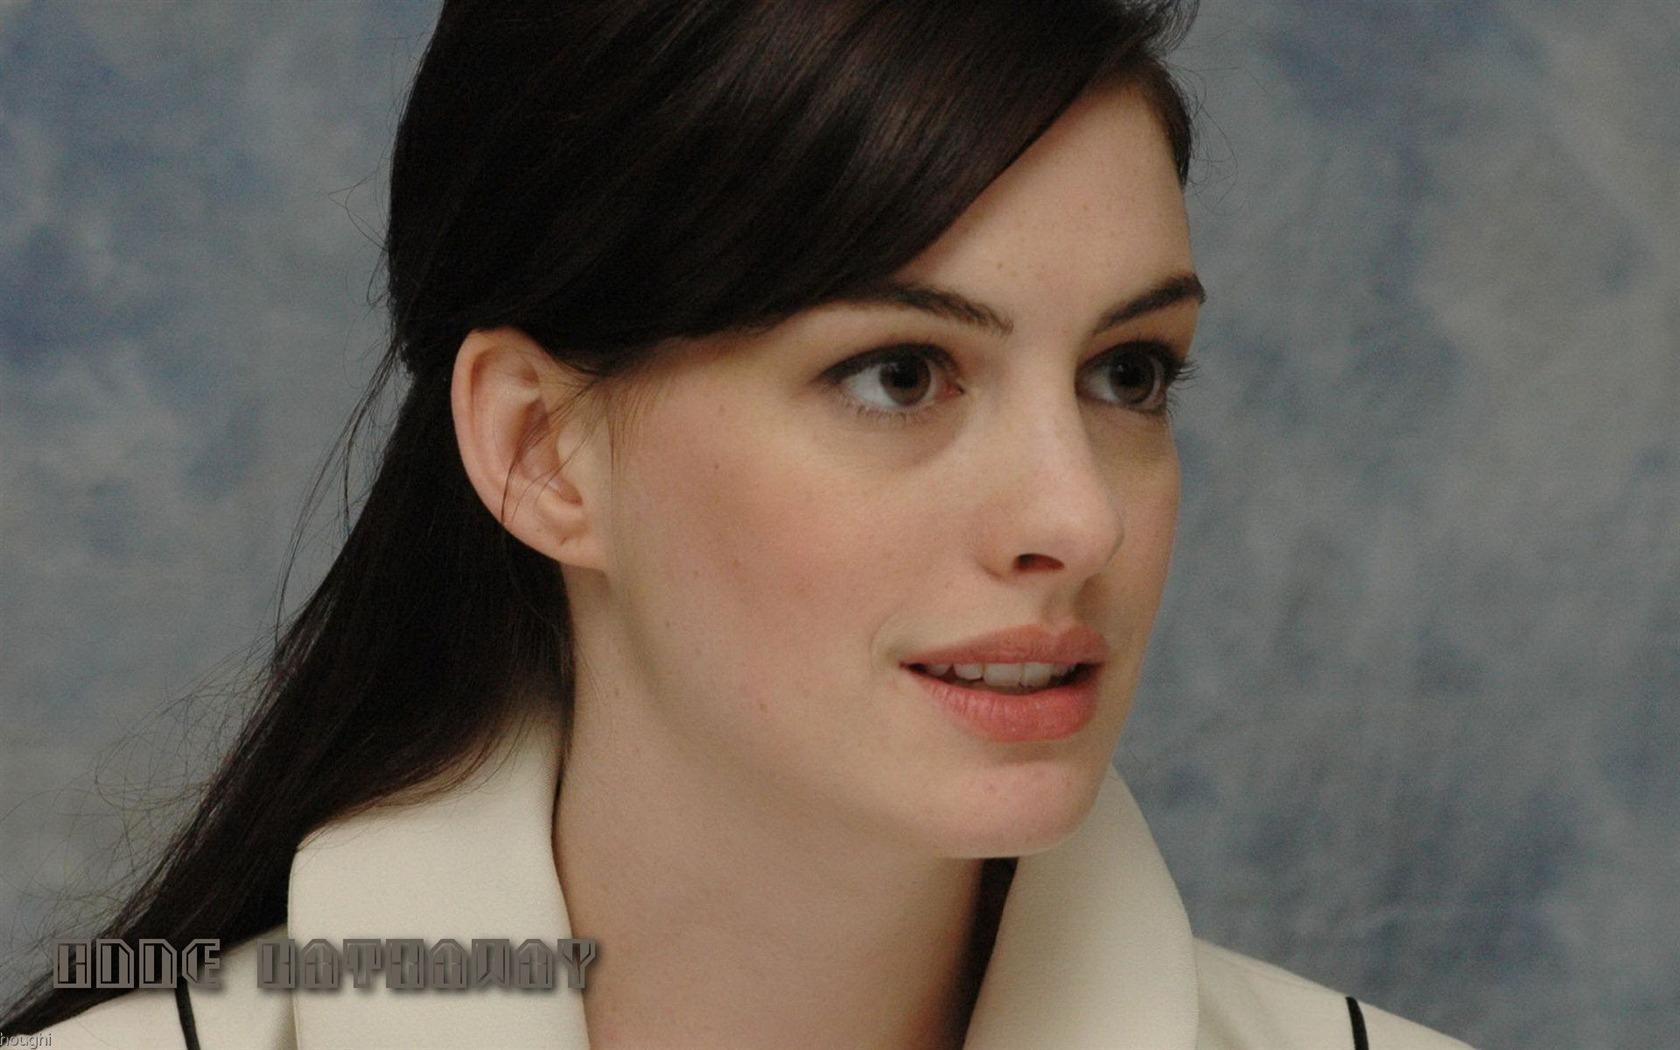 Энн Хэтэуэй красивые обои #9 - 1680x1050 ... энн хэтэуэй